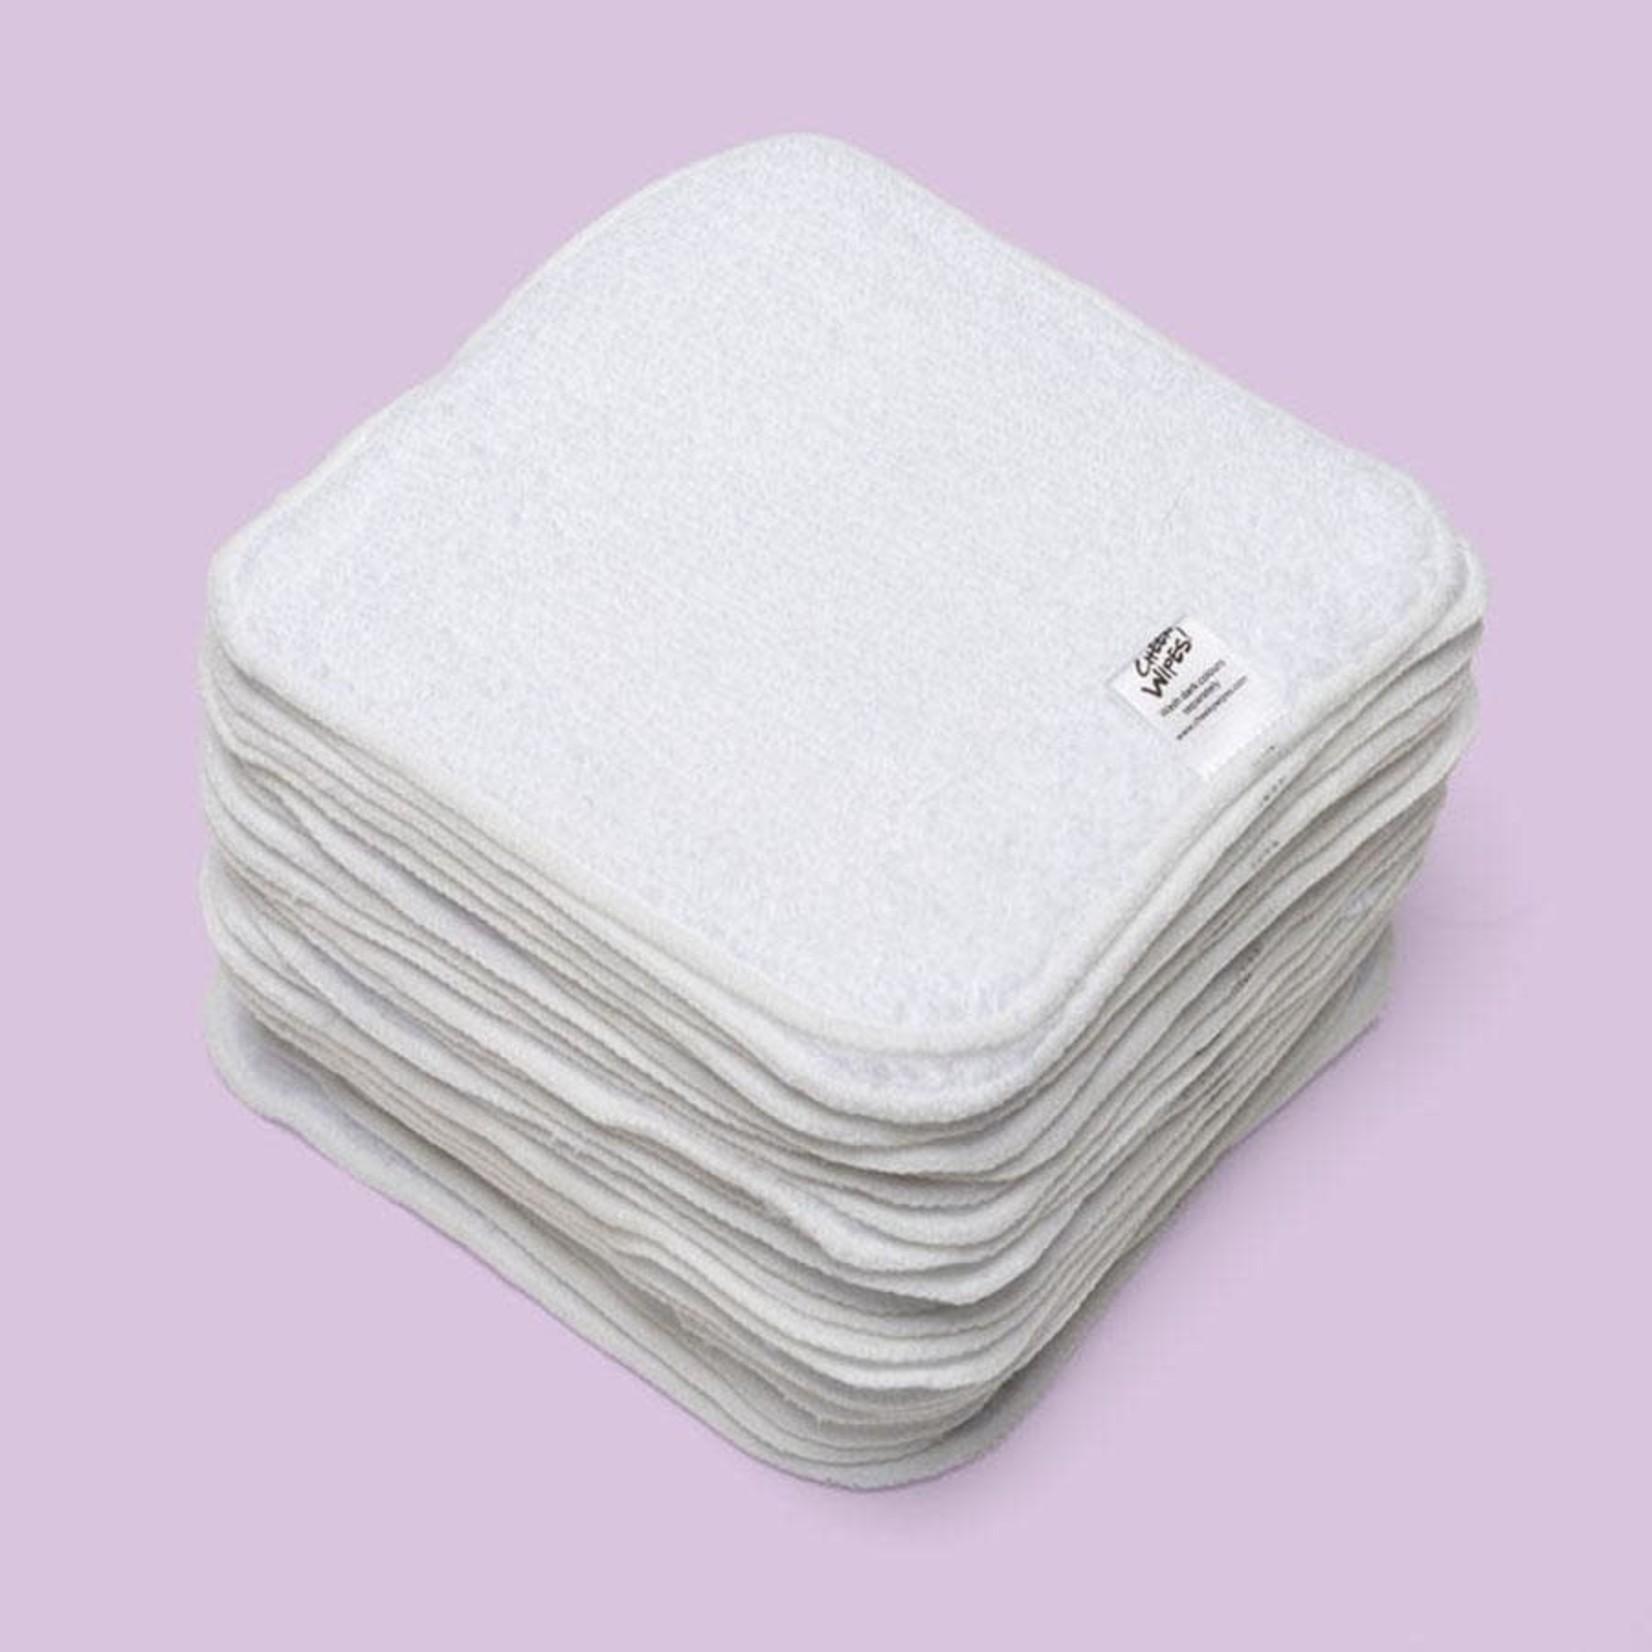 Cheeky Wipes 25 wasbare doekjes ORGANIC PREMIUM katoen wit